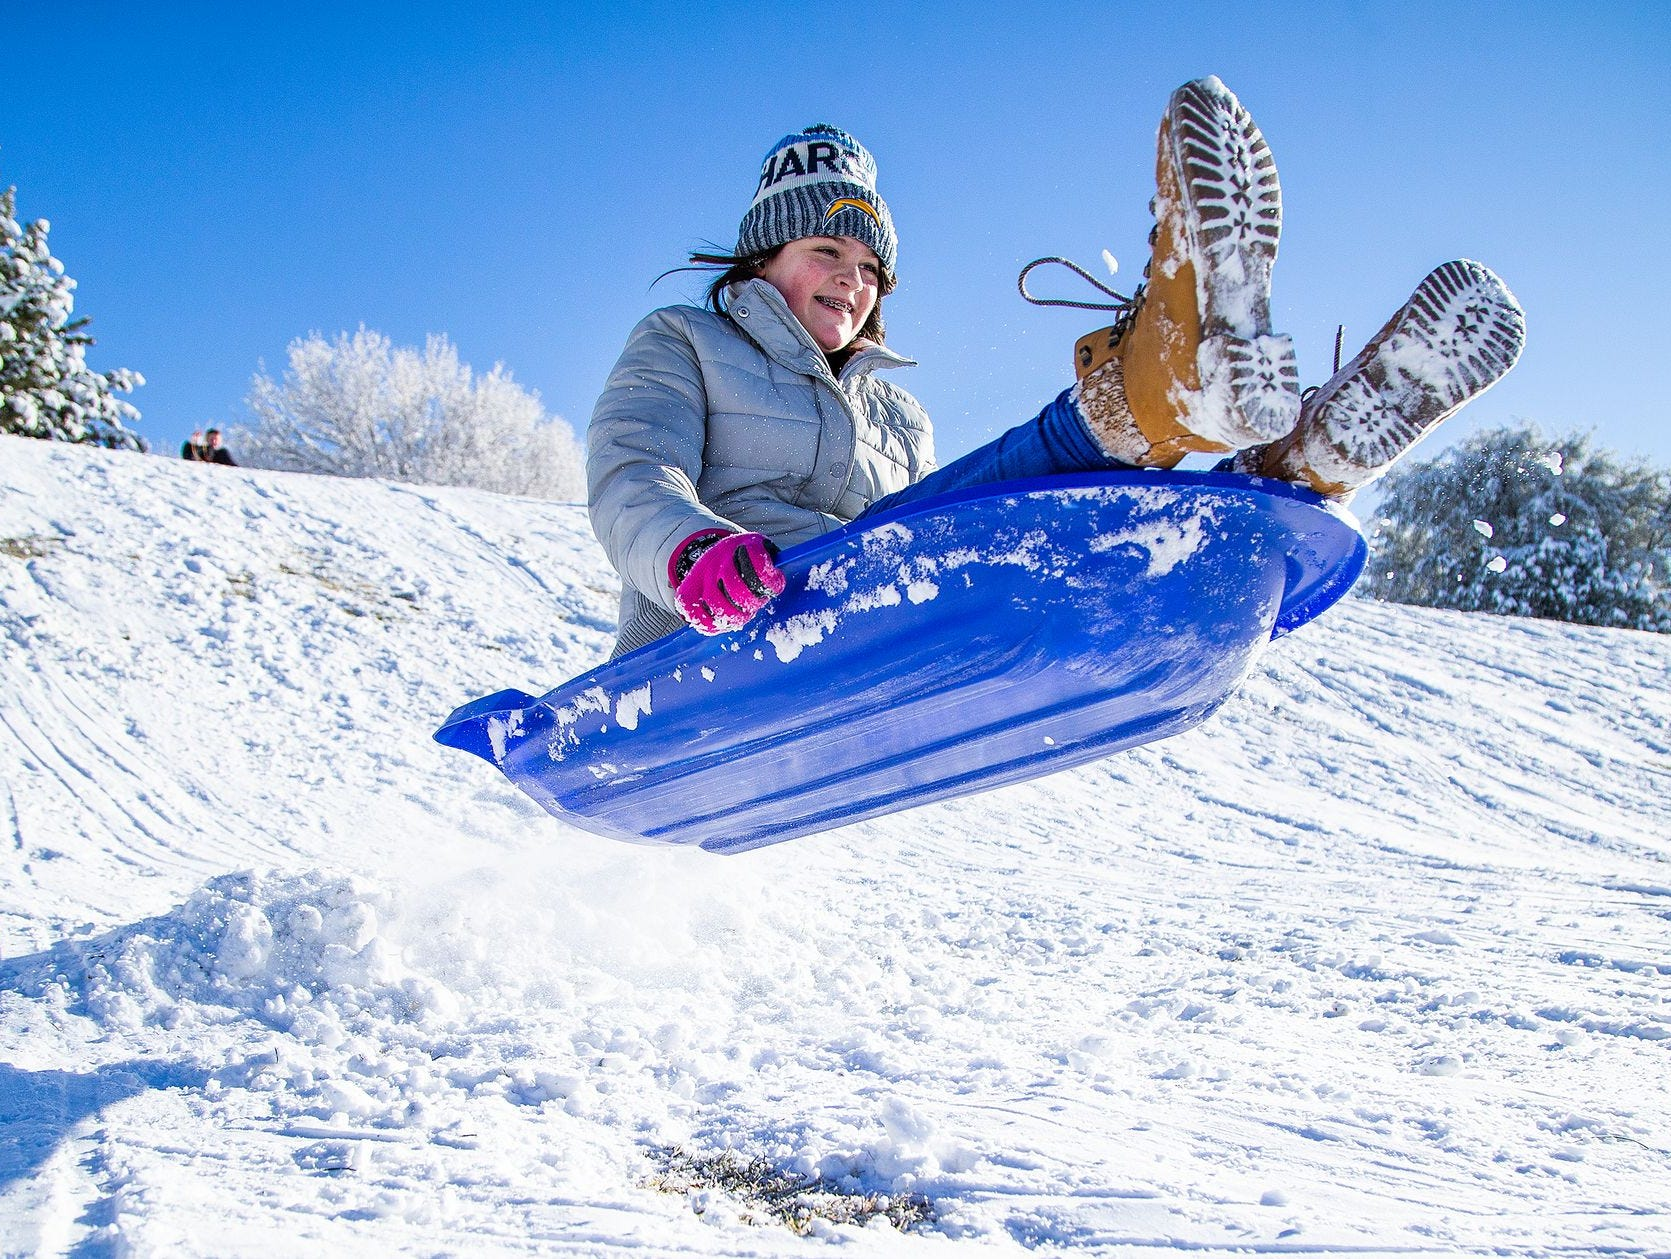 Charleigh Lewis, de 12 años,  vuela de un salto mientras disfruta de la nevada en Green Valley Park en Payson el 1 de enero de 2019.